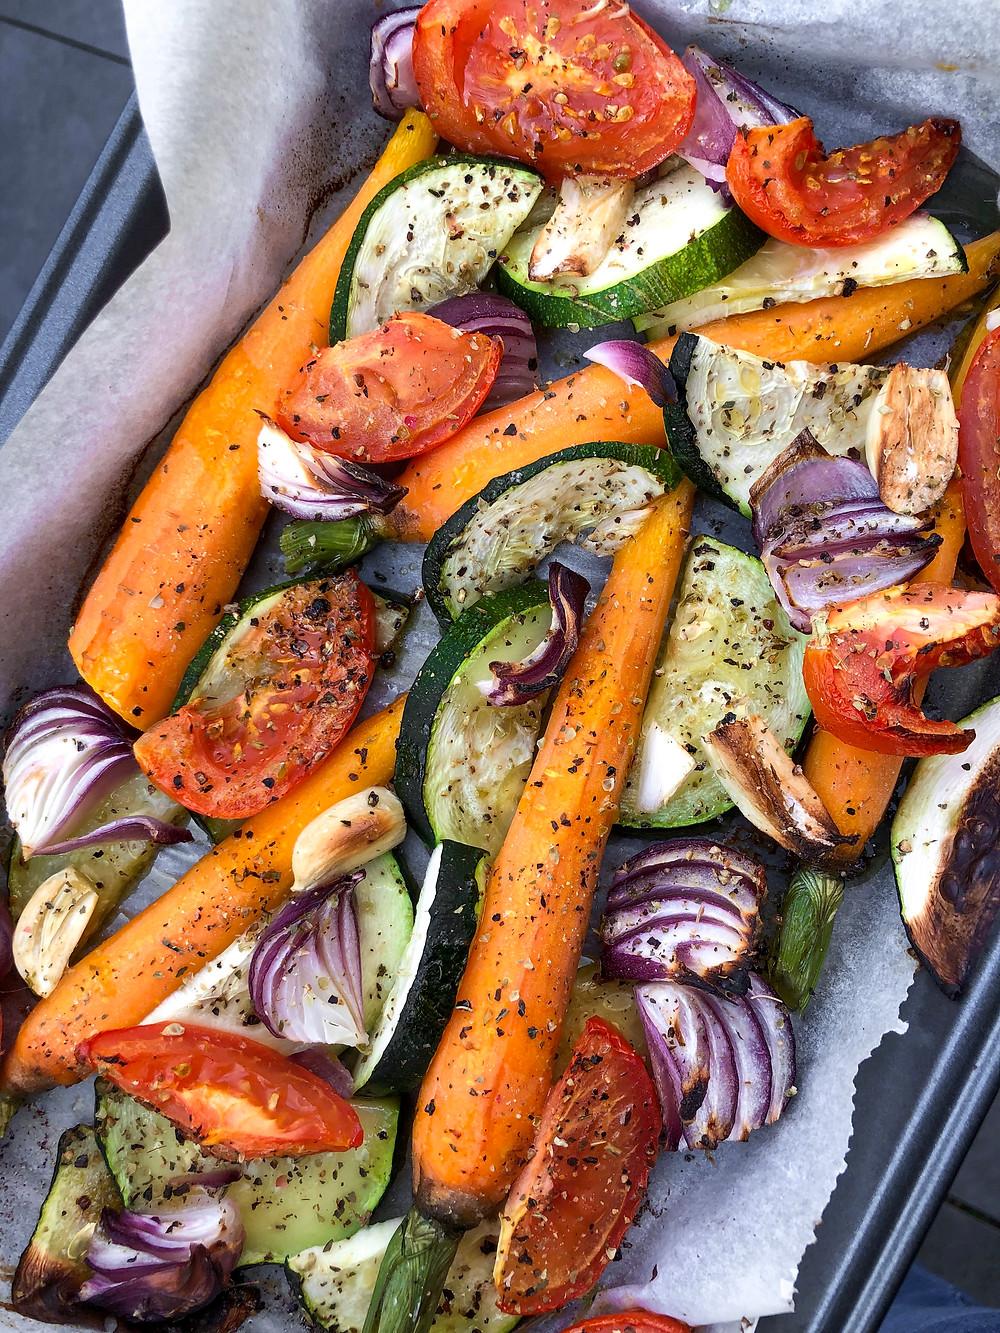 Makkelijk, gezond en voorkomt voedselverspilling. Gegrilde groenten uit de oven! Super handig wanneer je nog verschillende restjes groenten in koelkast hebt liggen die je niet wilt weggooien of simpelweg omdat het súper lekker is!